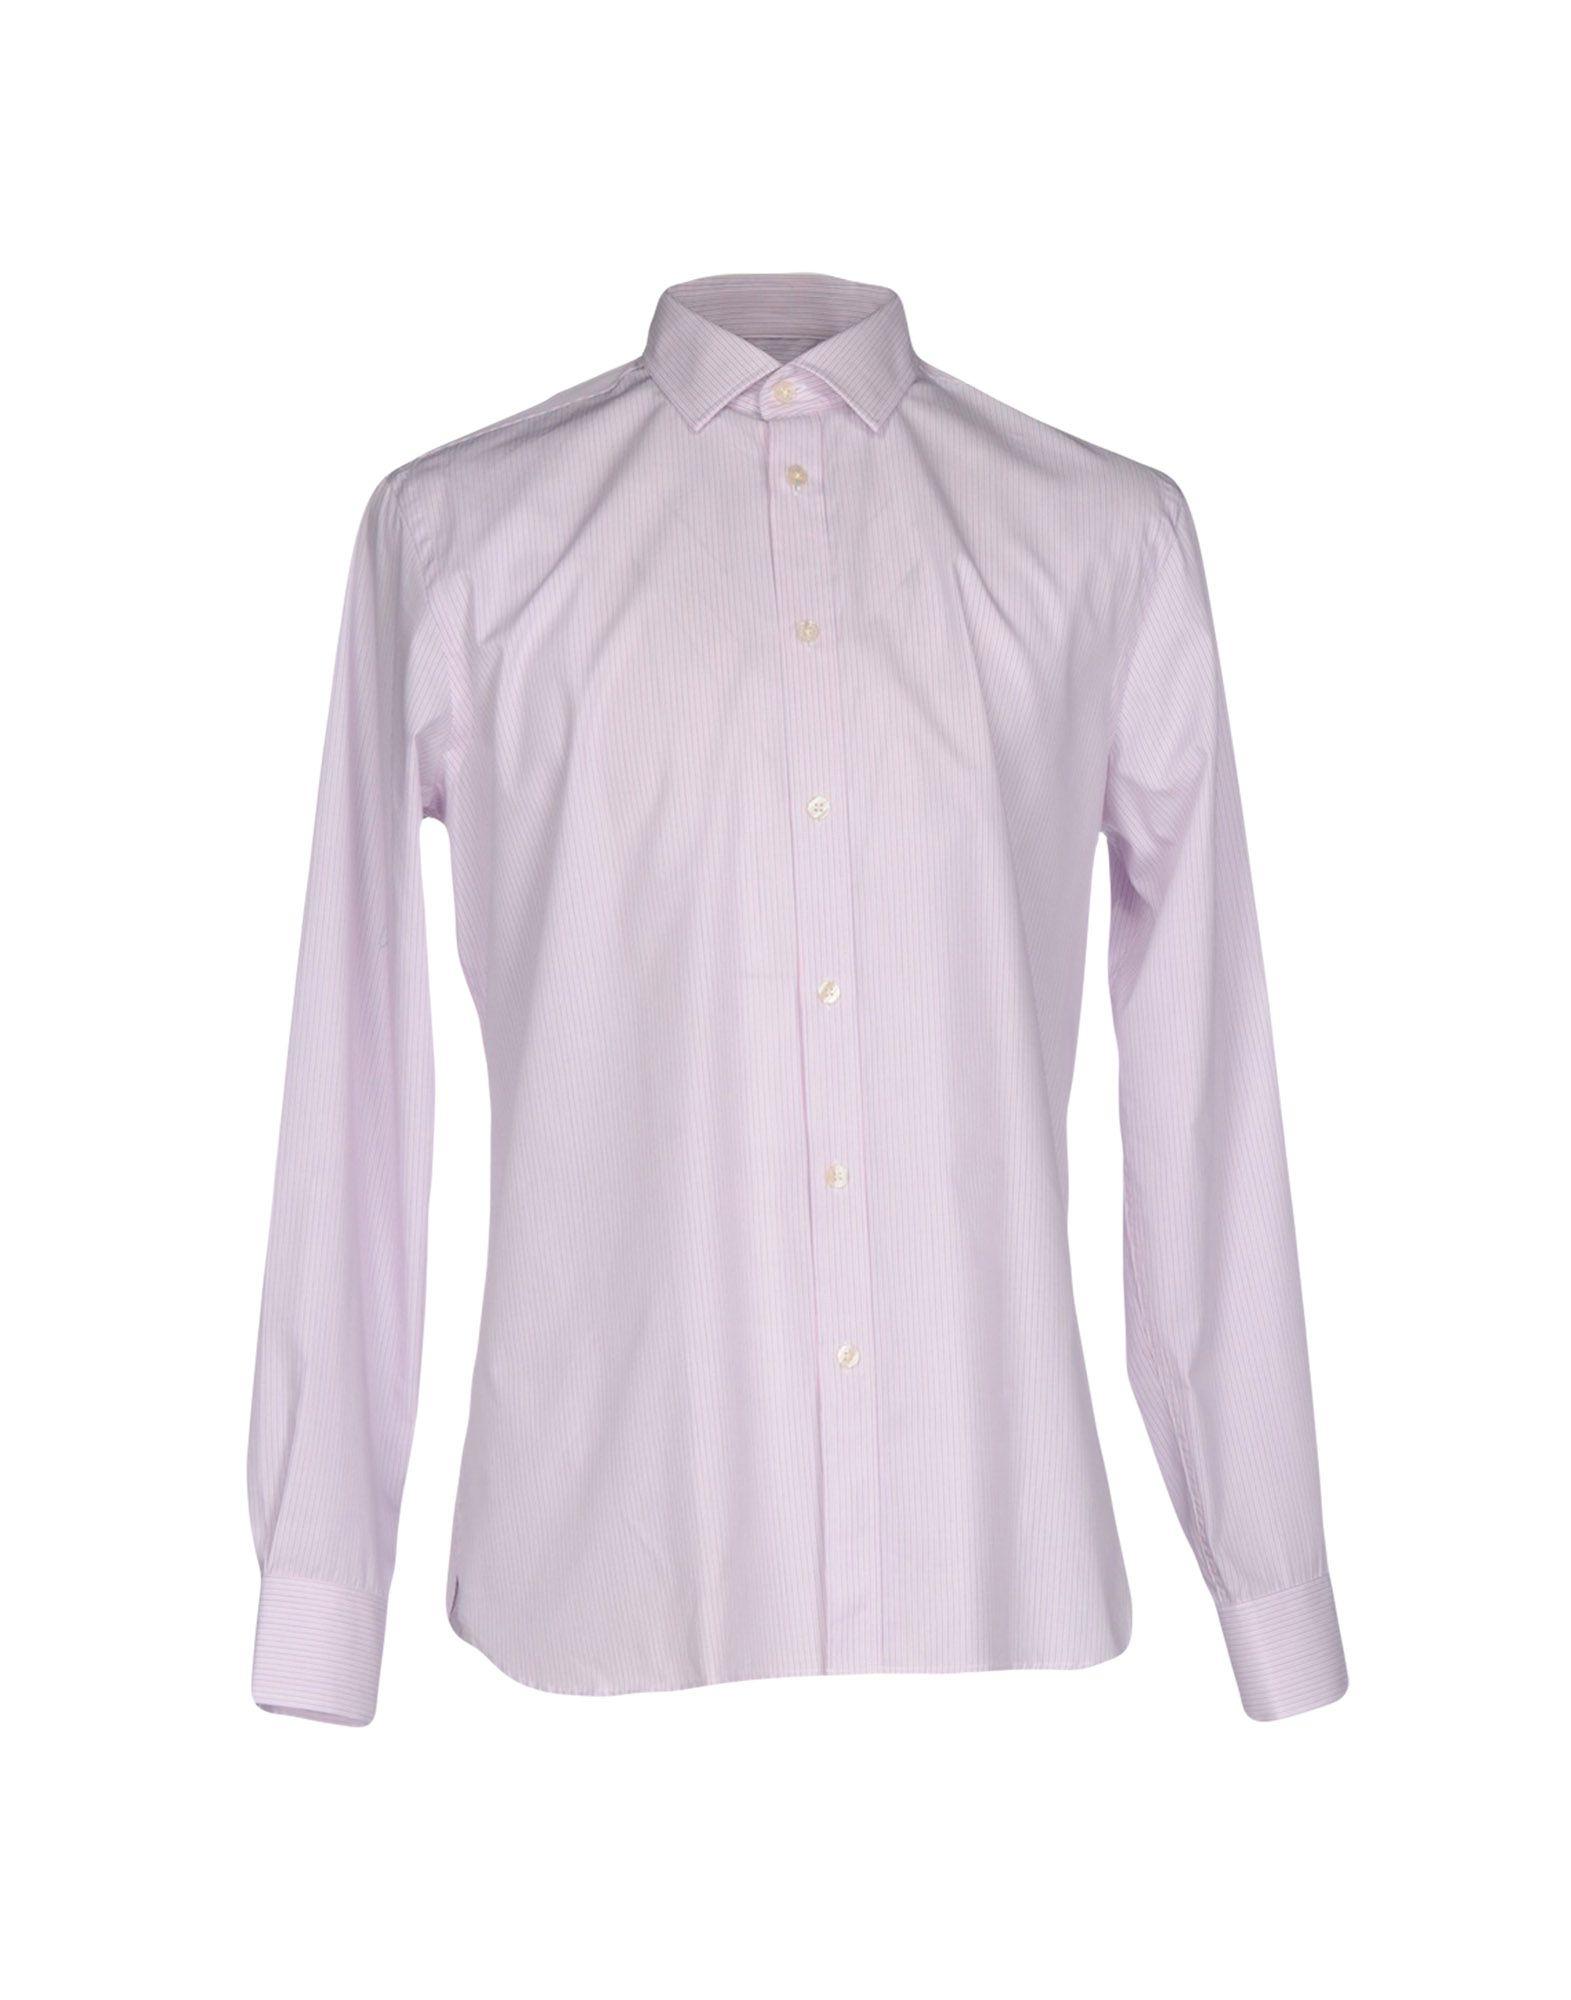 《2万円以上オーダーで送料無料》AQUASCUTUM メンズ シャツ ピンク 39 コットン 100%